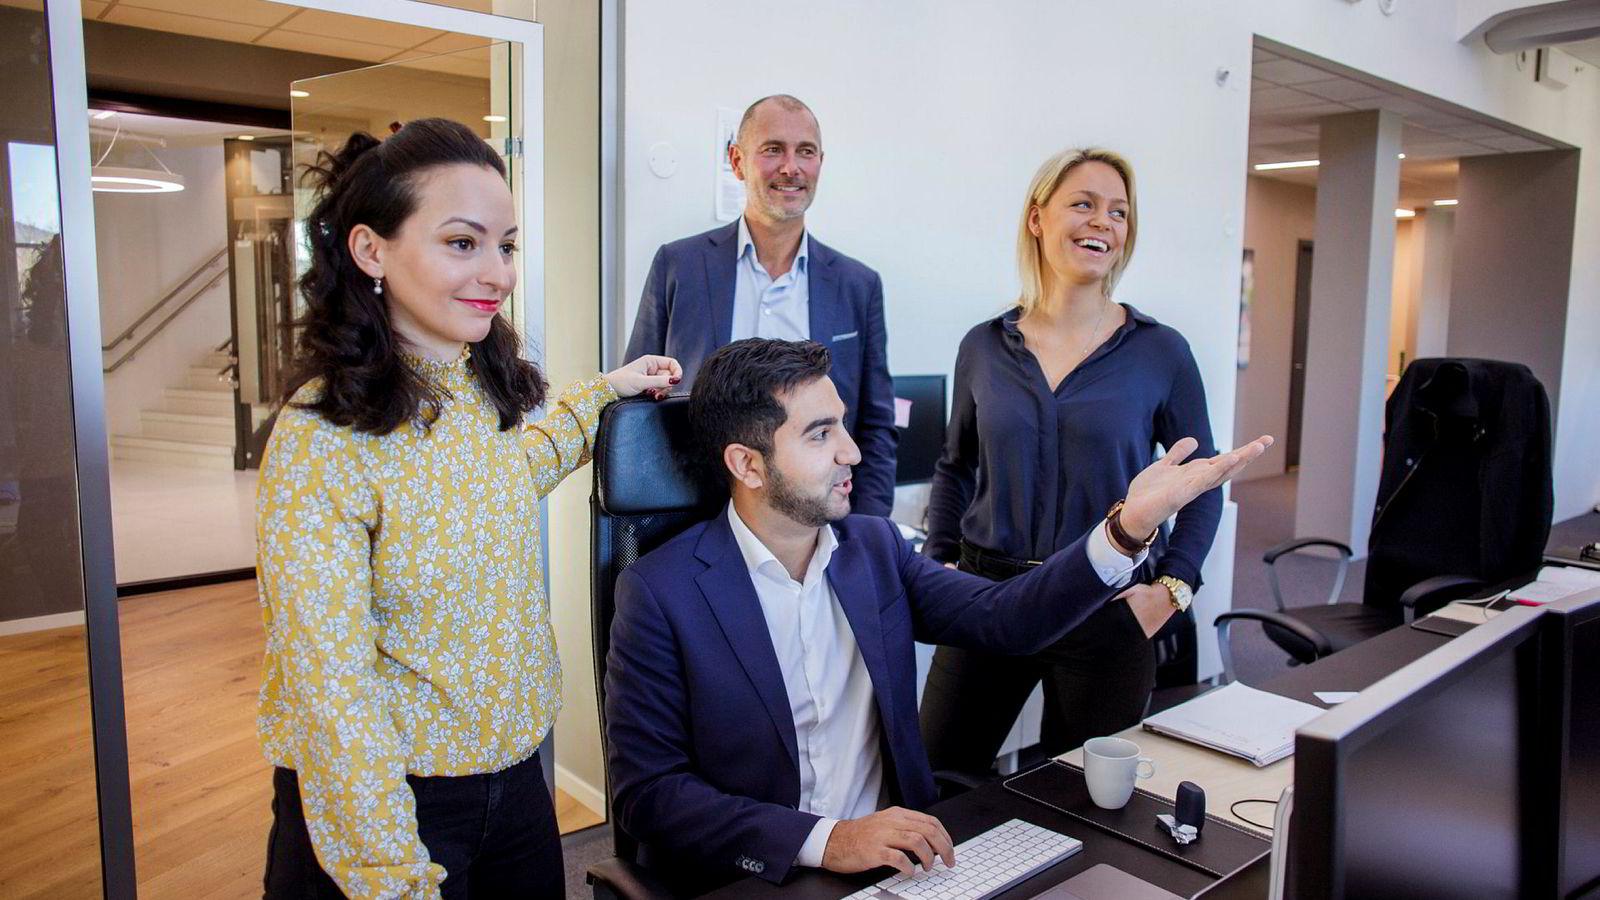 Vi får stadig henvendelser fra topptalenter fra de store konsulenthusene og store internasjonale selskaper sier Agera-sjef Andreas Wabø (bak). Fra høyre Tale Lefdal Helland, Andreas Wabø, Shayan Seyedin og Kremena Tosheva.